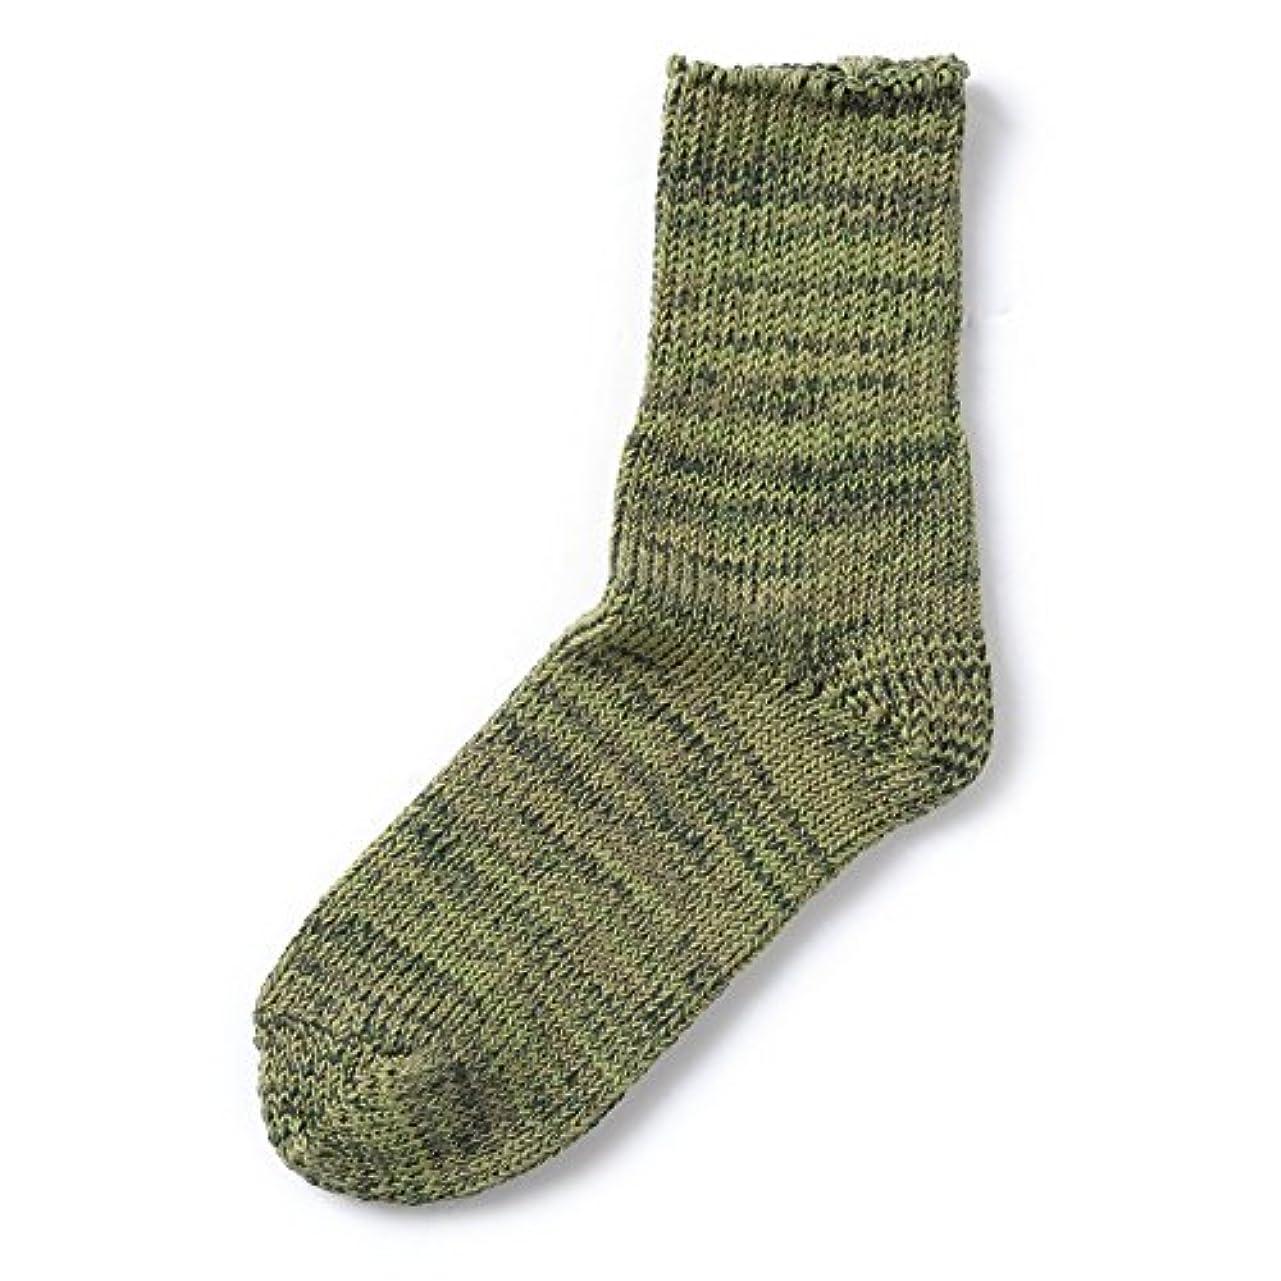 雄弁な認めるフルートローゲージカラフル靴下 MIXグリーン